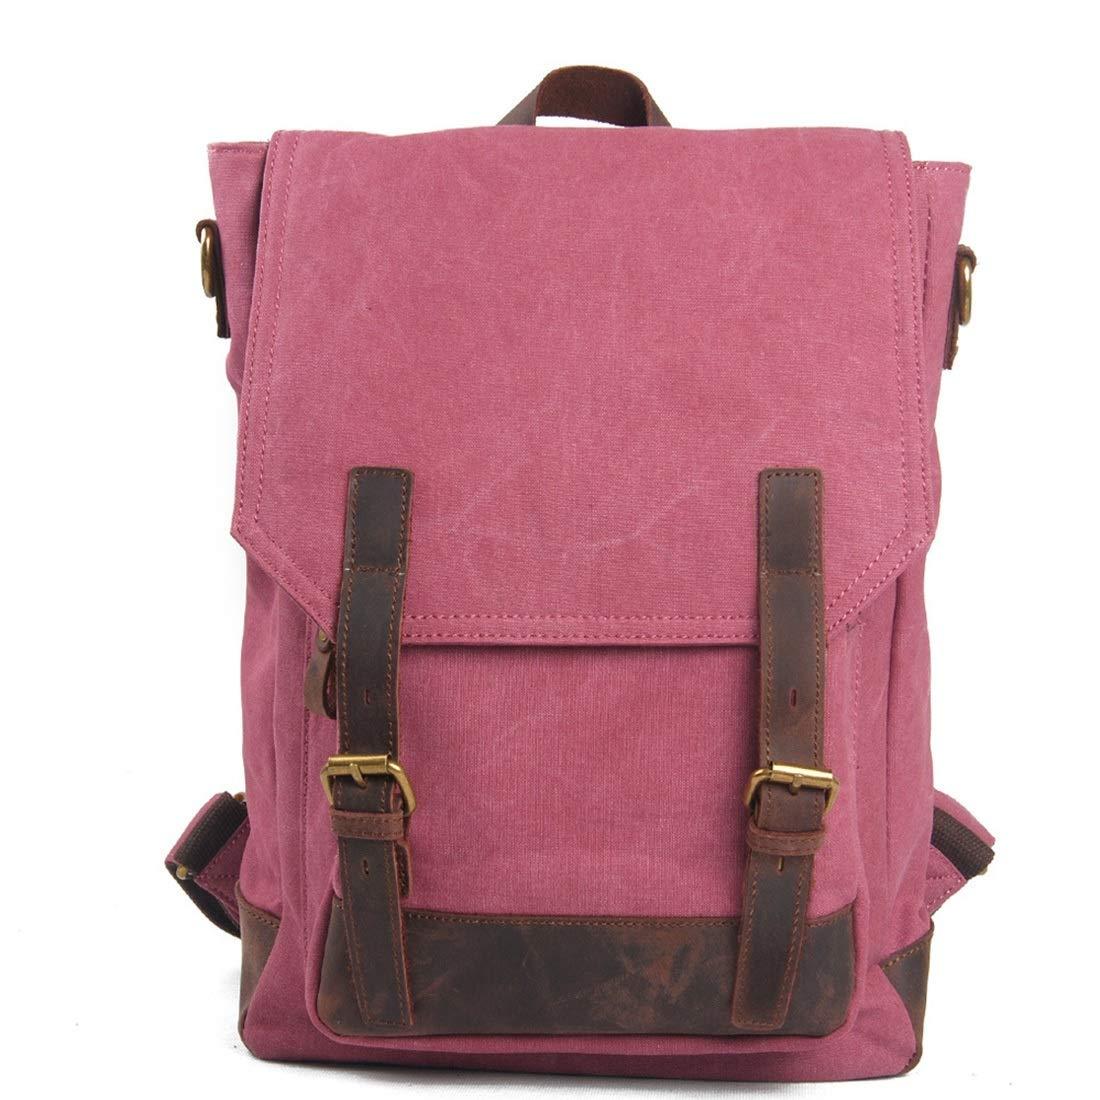 WEATLY Männer Frauen Rucksack Daypack Daypack Daypack Wasserdichte Vintage Reißverschluss Leinwand 14 Zoll Laptop Student Outdoor Shopping (Farbe   Grün) B07P711XQN Ruckscke Bestseller df6ab7